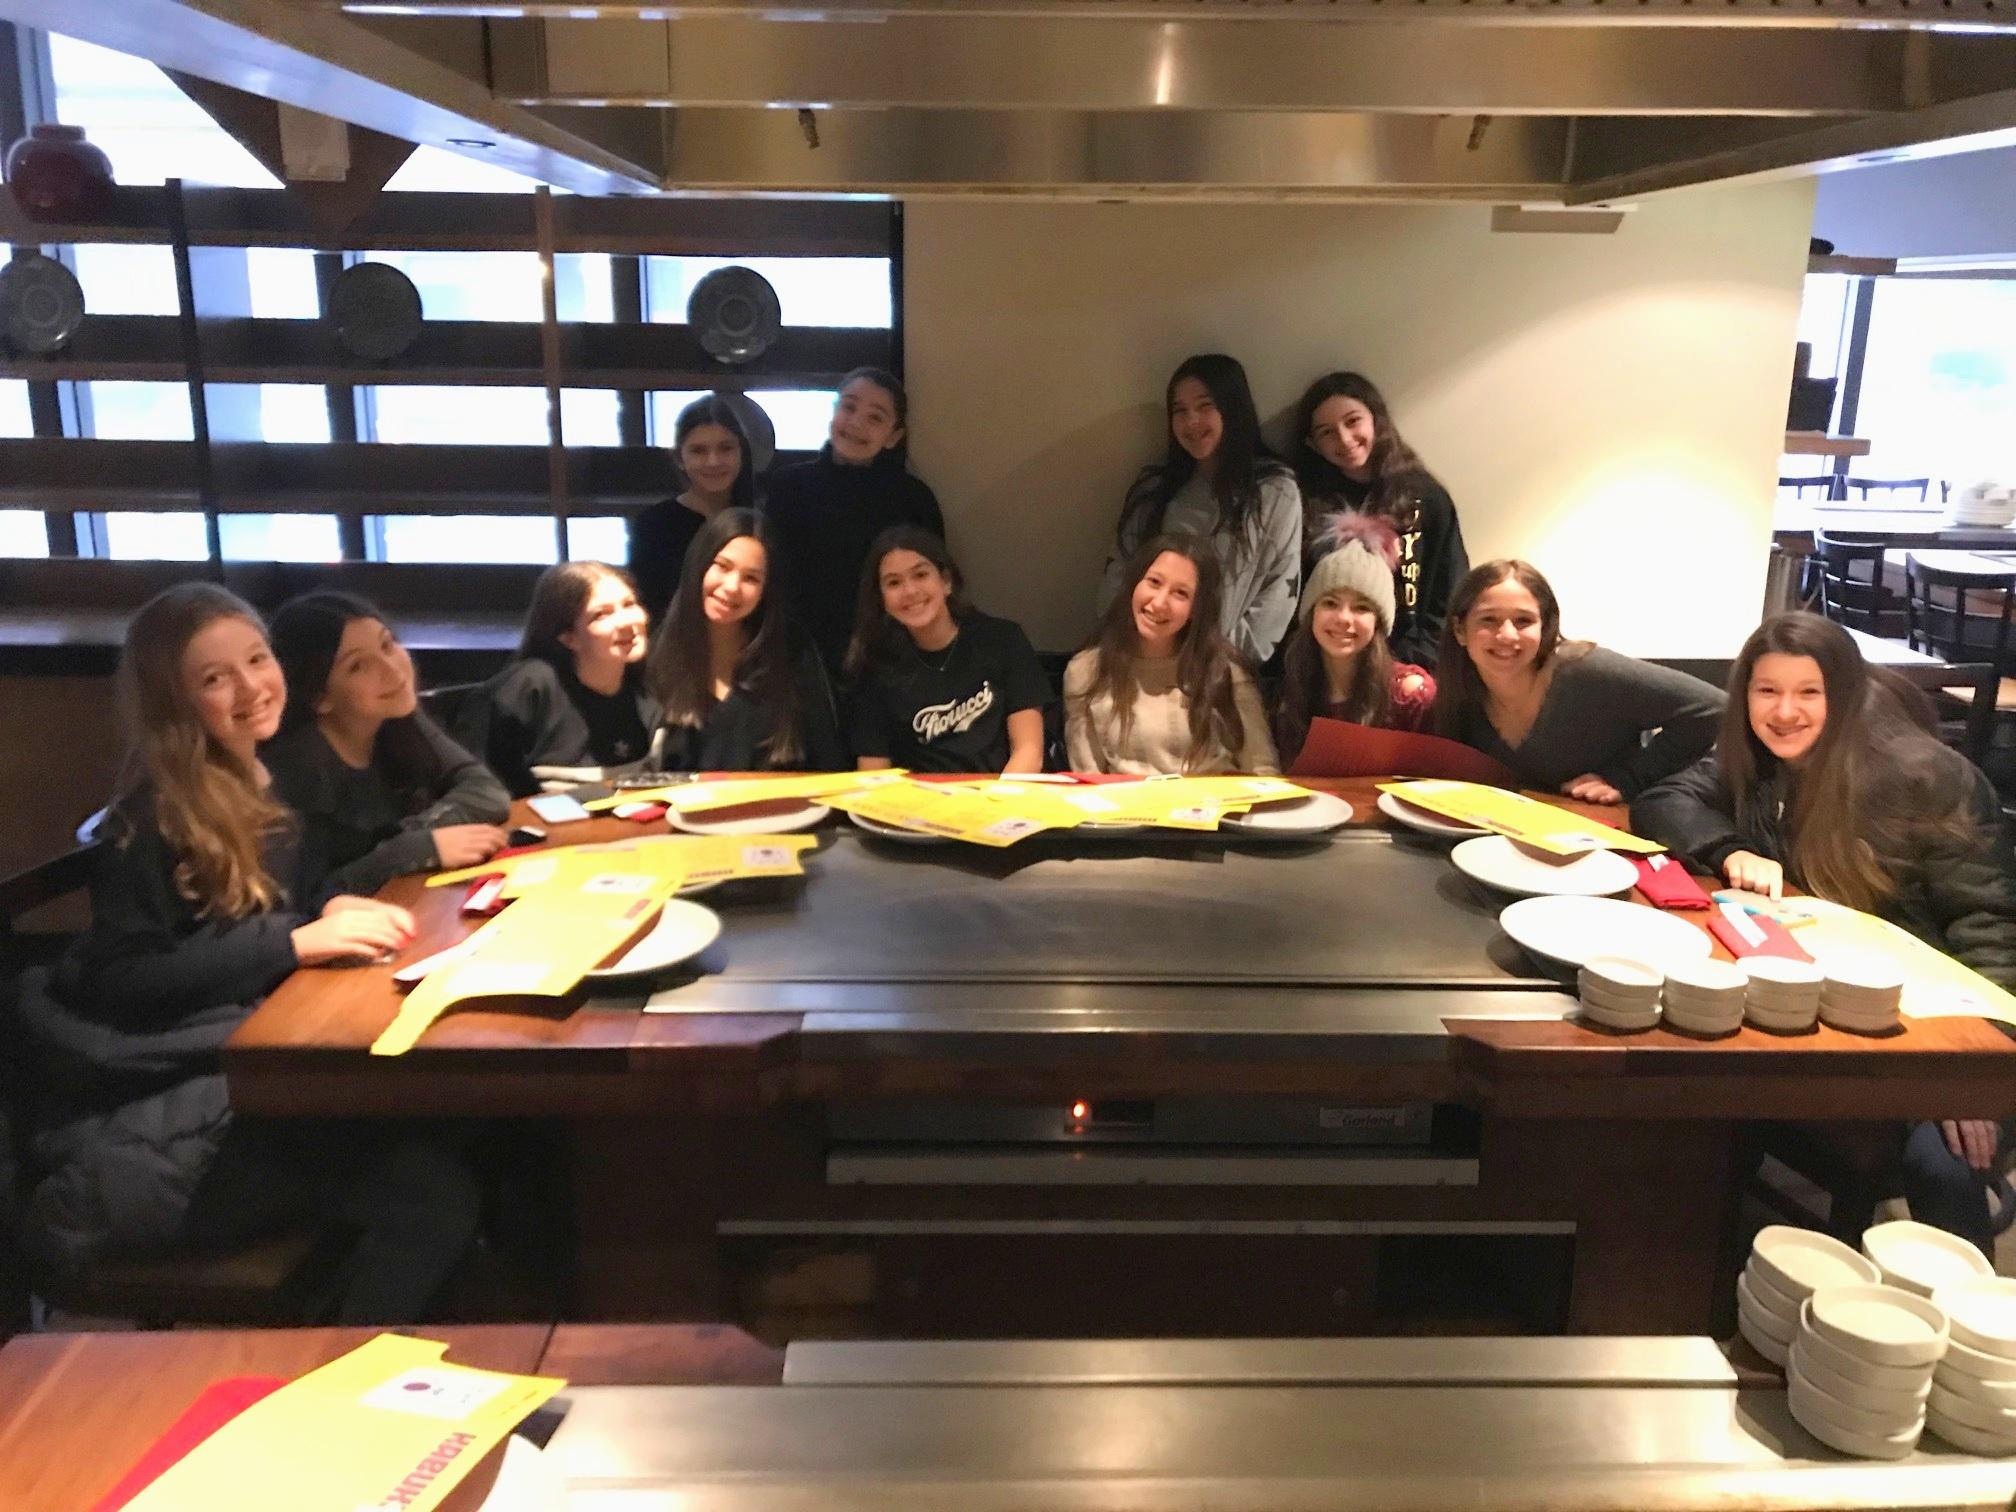 Debs at a Hibachi restaurant